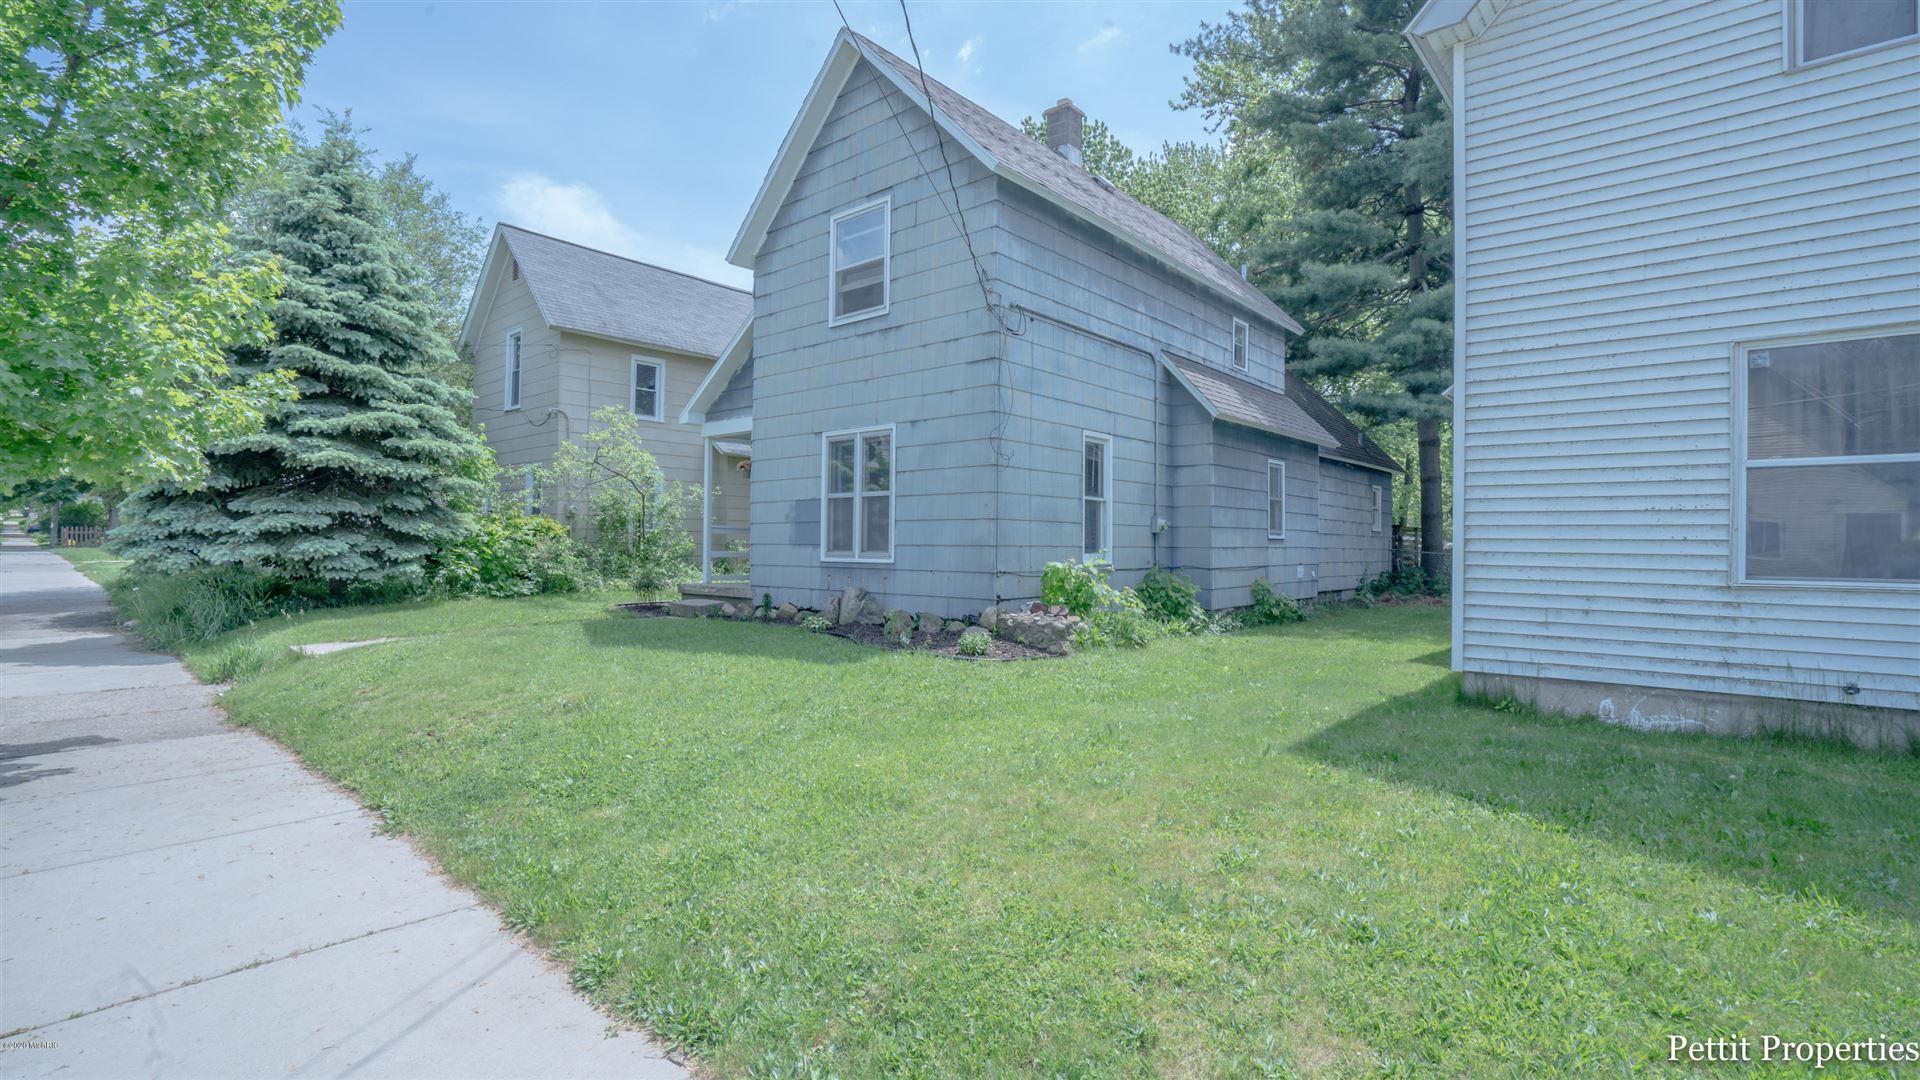 104 Sweet Street NE, Grand Rapids, MI 49505 - MLS#: 20018973